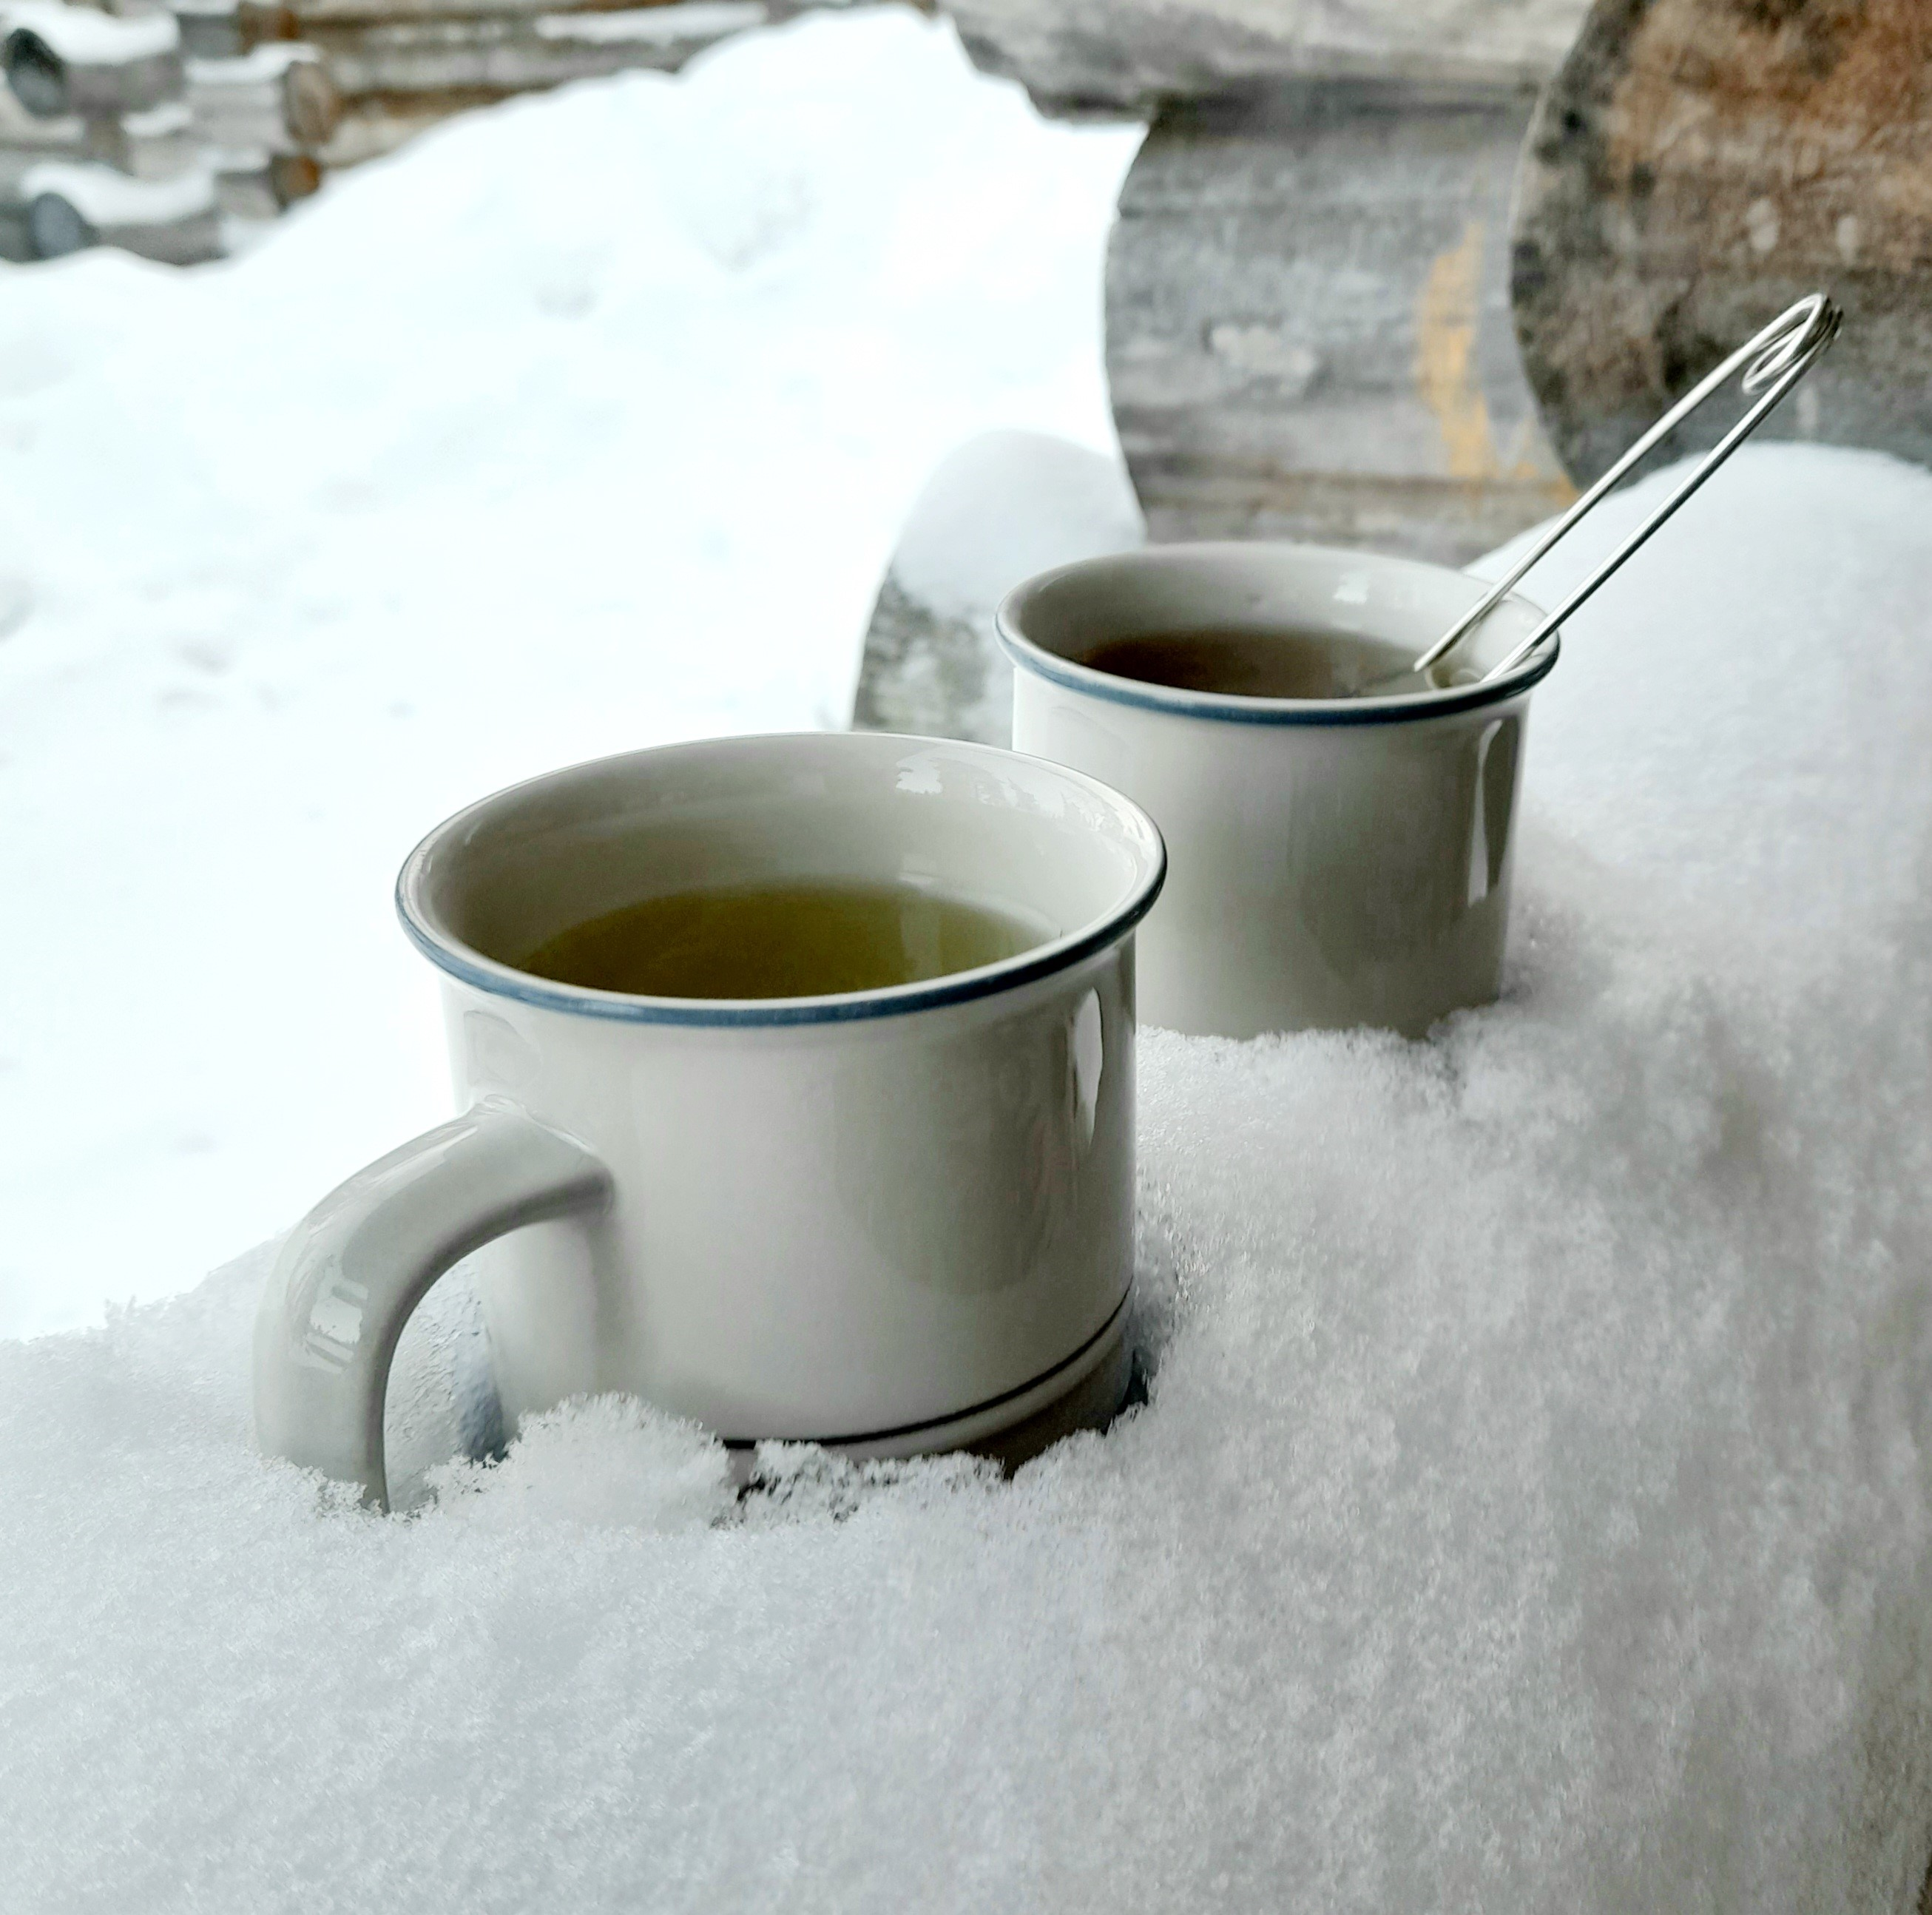 teetä tarjolla myös naapurille